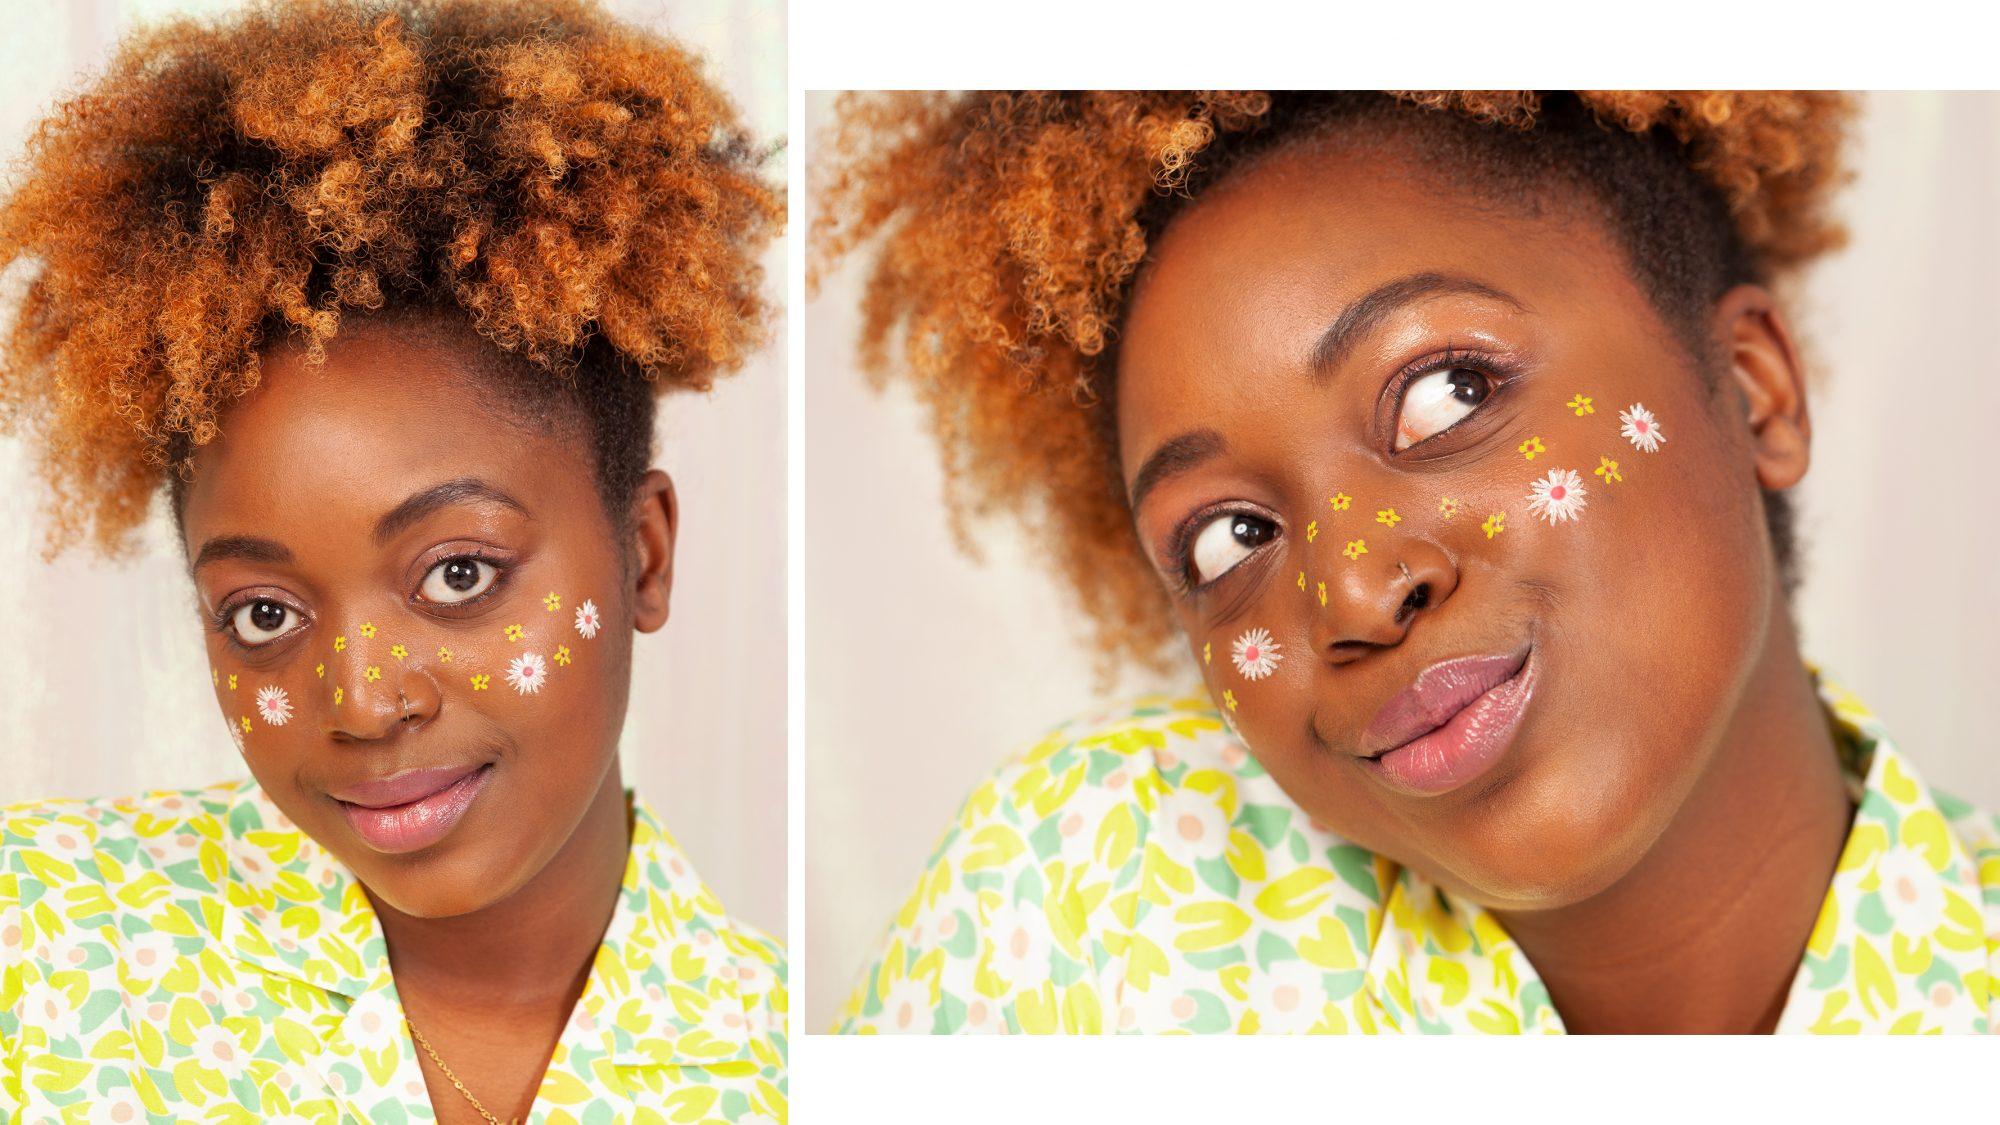 061721-HCF-Flower-Freckles-Bold-Makeup